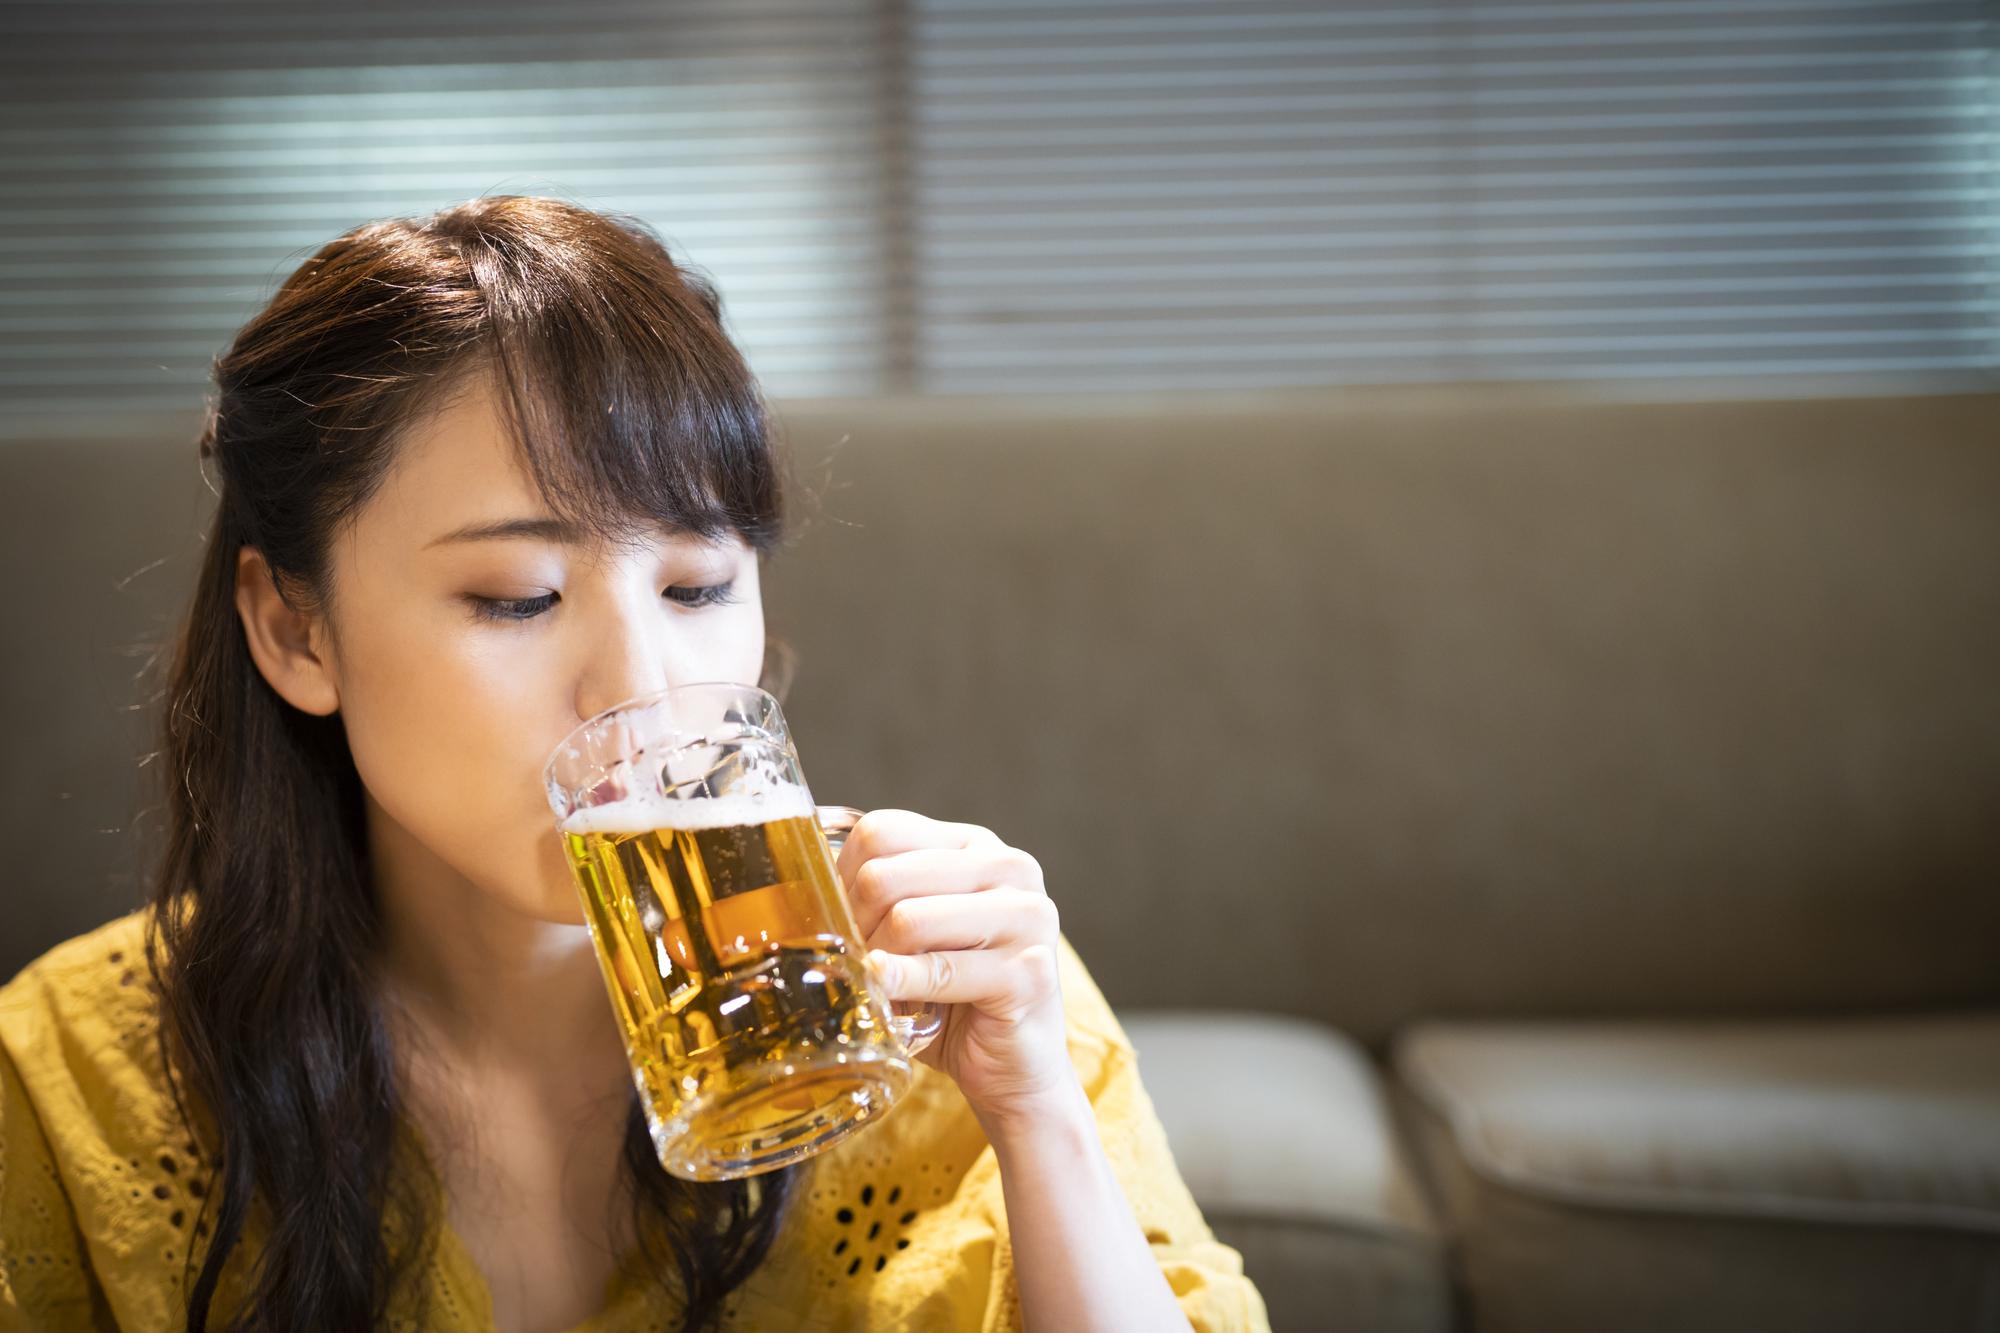 頭 と 痛い を お 飲む 酒 が